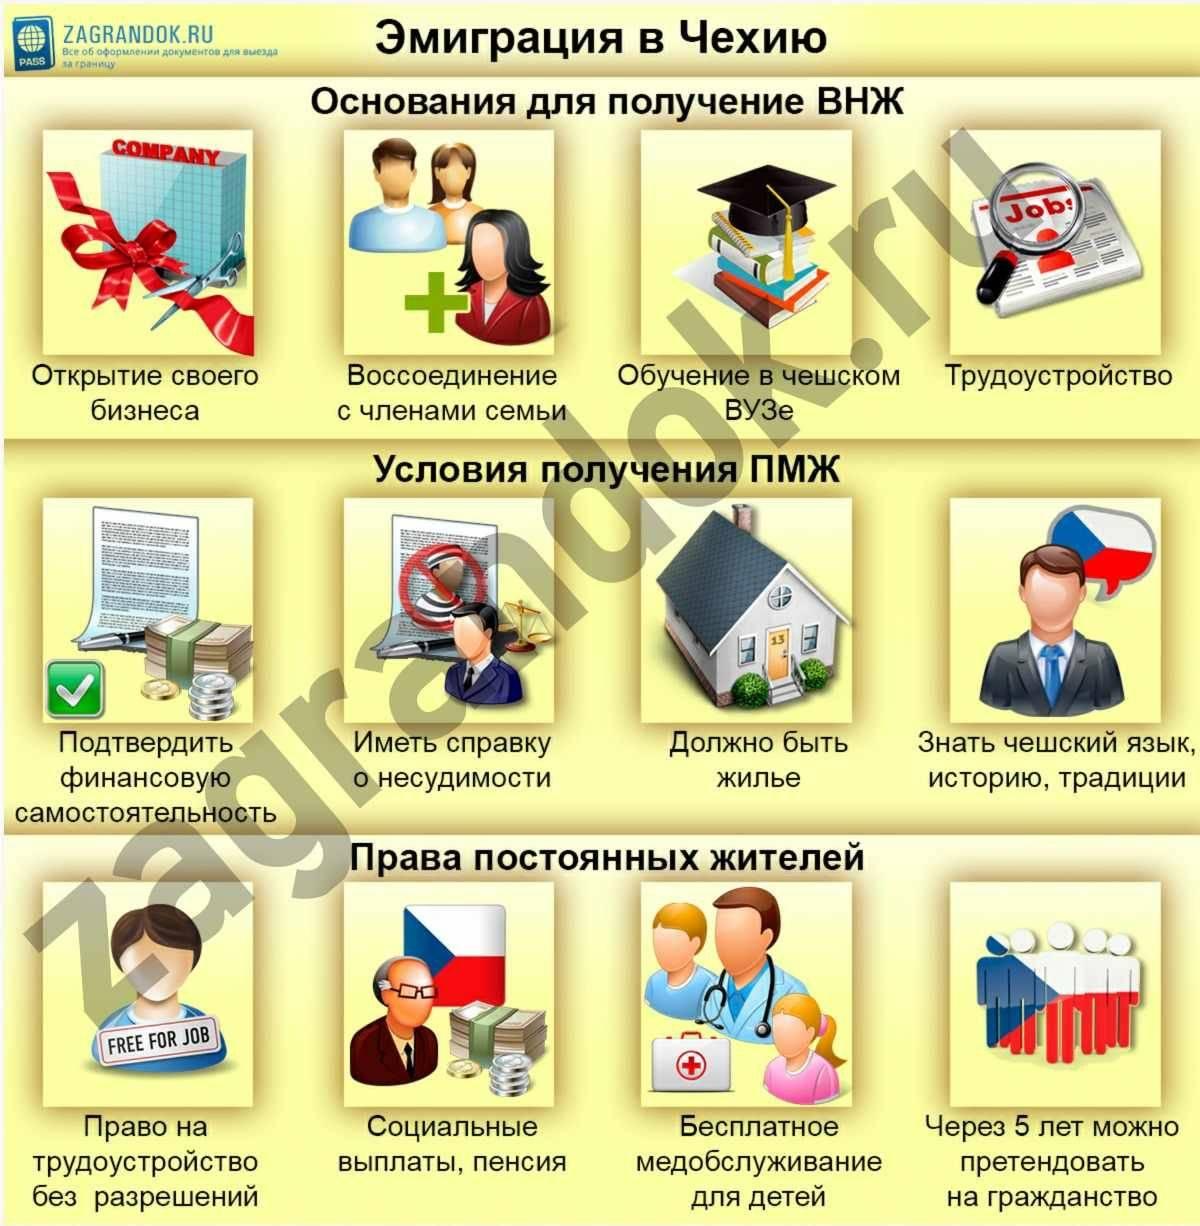 Эмиграция в чехию из россии